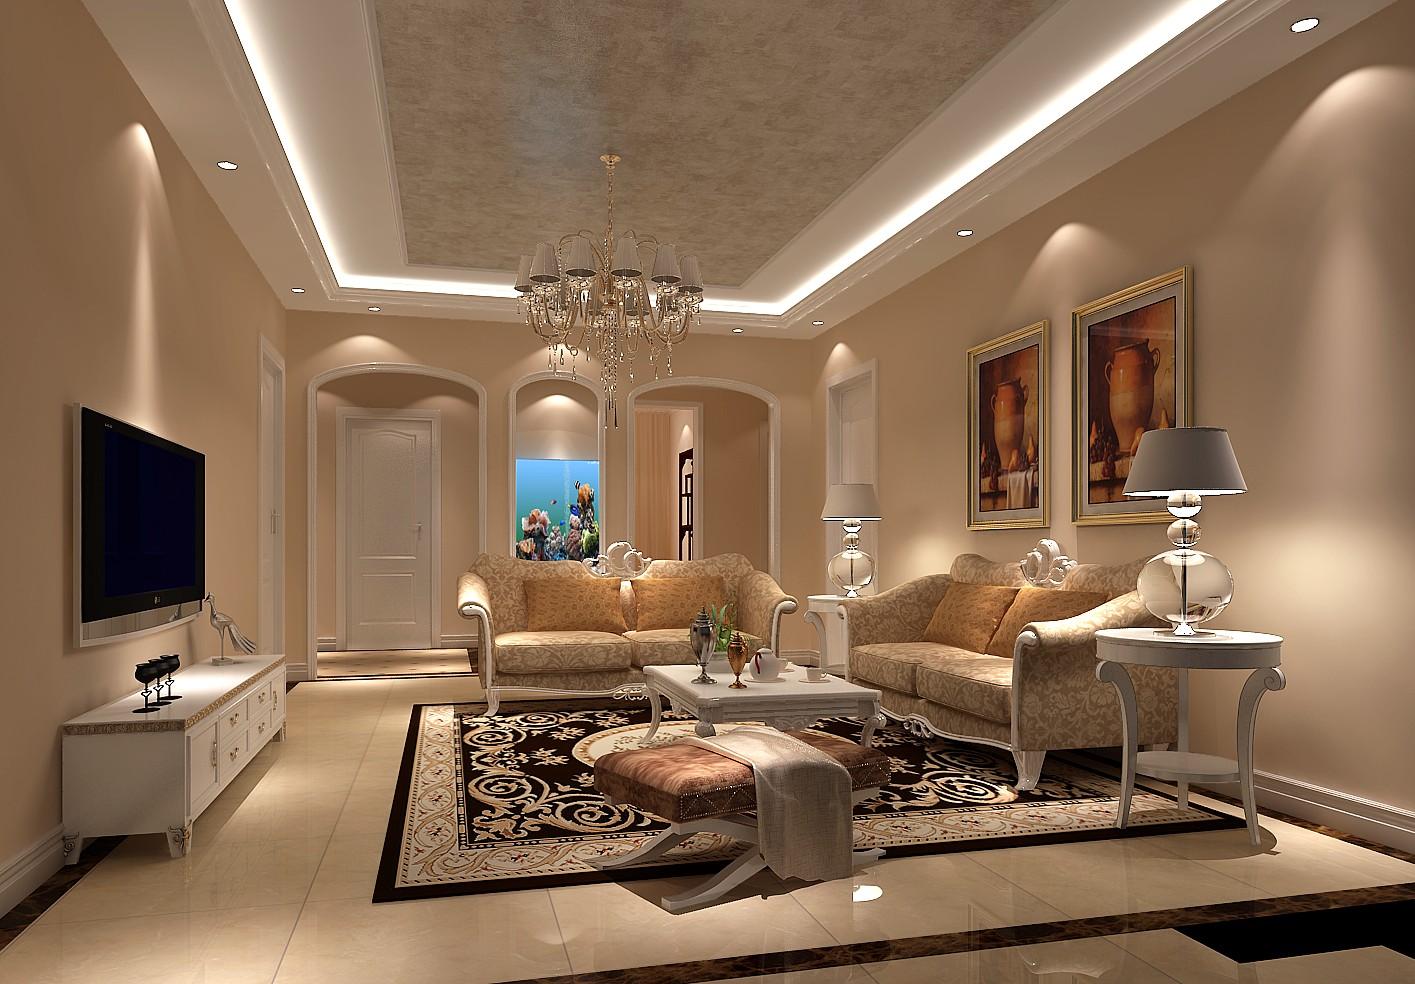 简约 欧式 三居 客厅图片来自高度国际装饰设计集团凌军在中铁花语城131平米简欧风格的分享